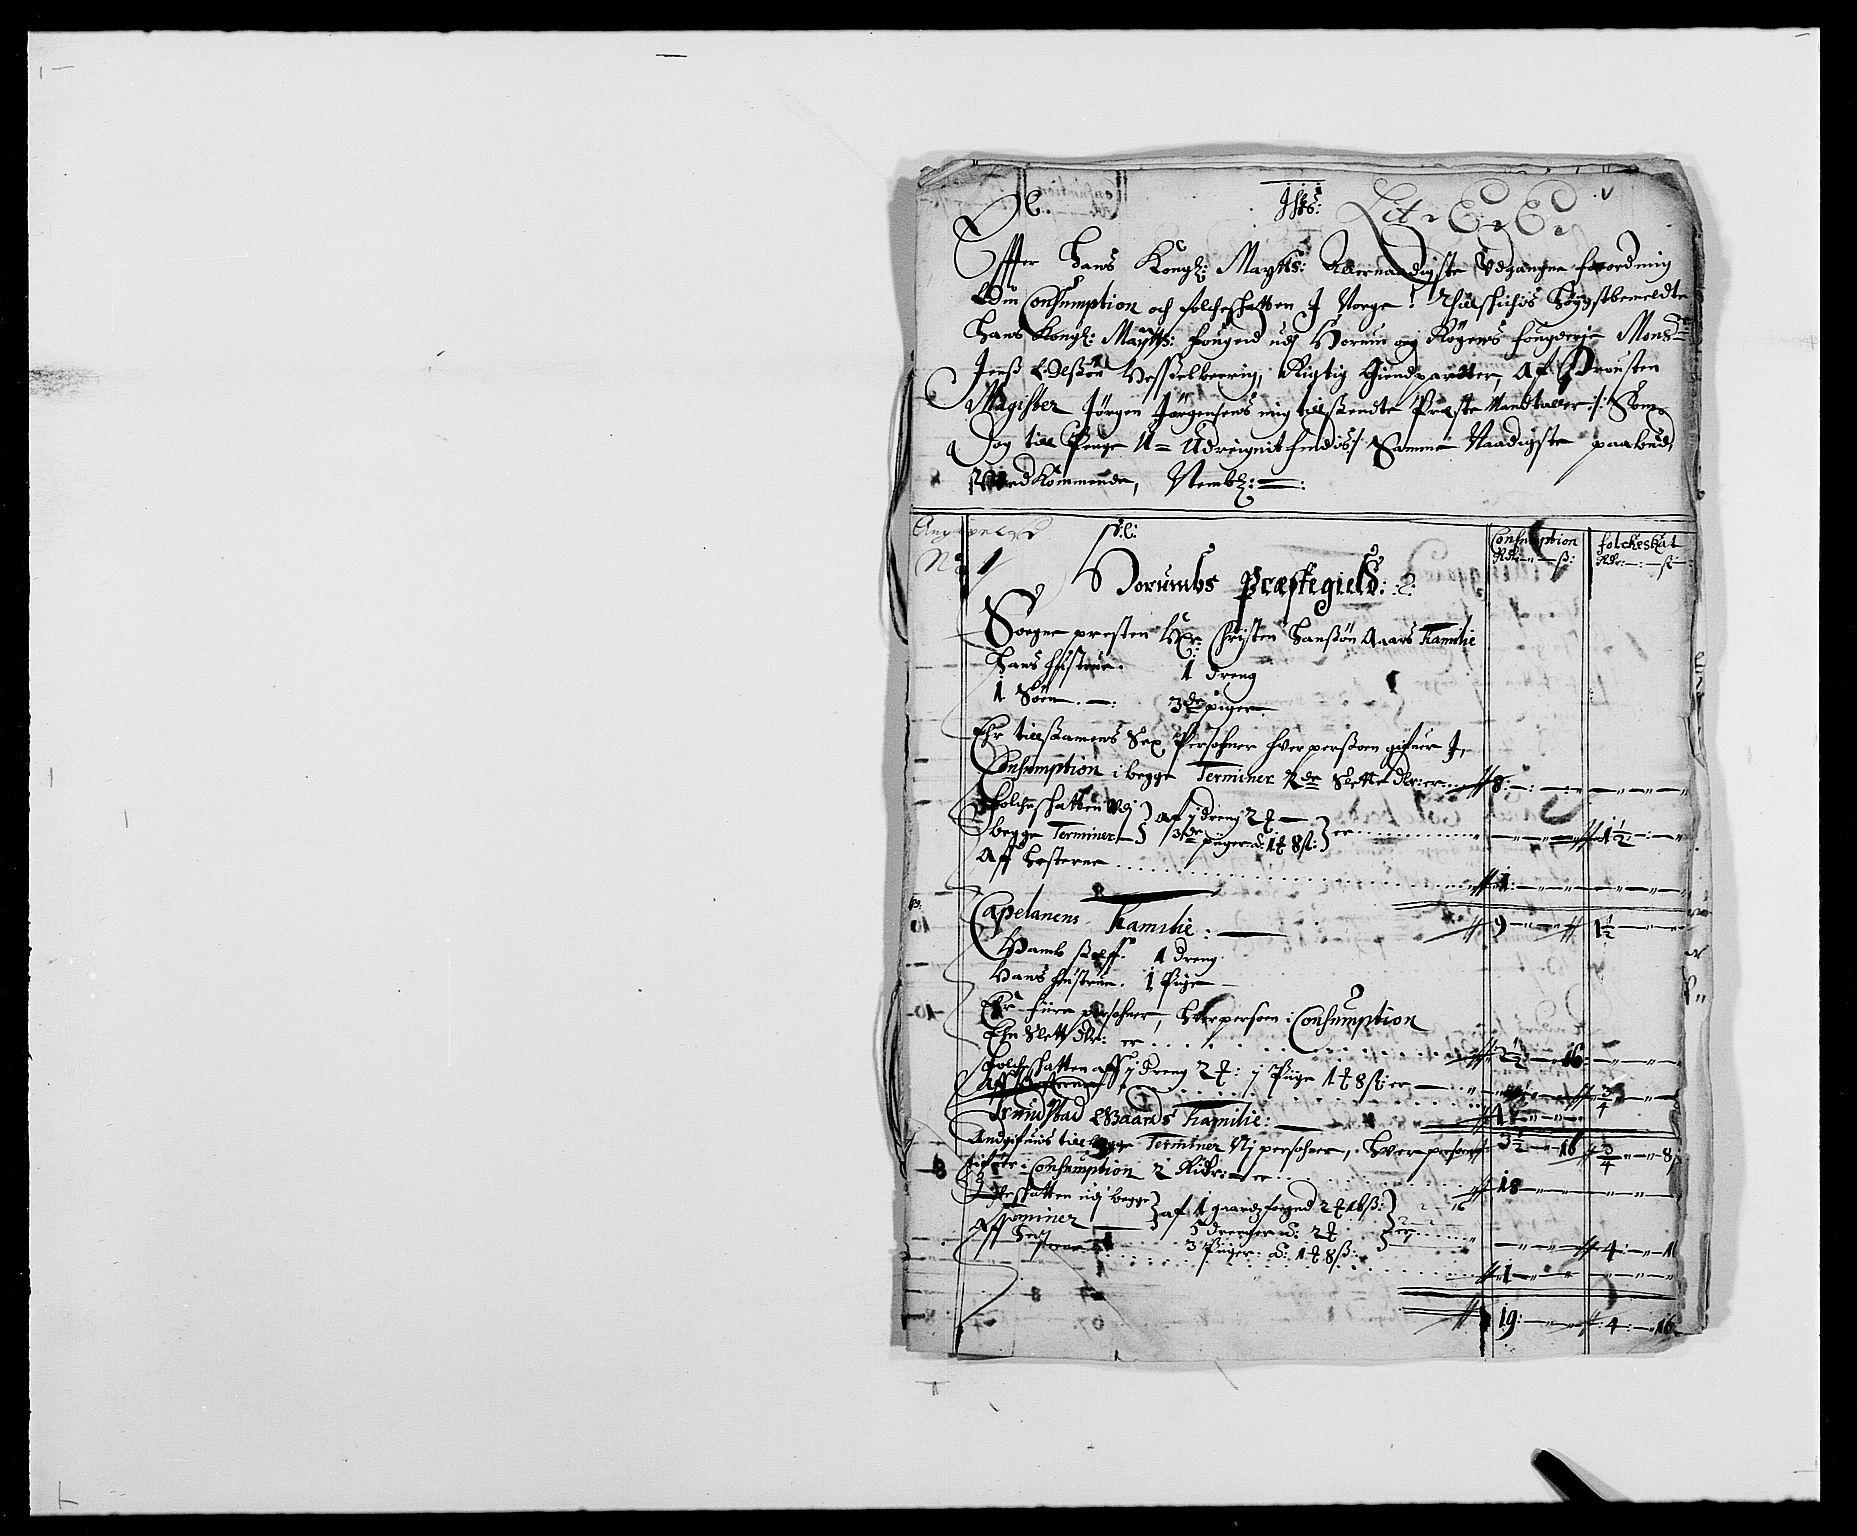 RA, Rentekammeret inntil 1814, Reviderte regnskaper, Fogderegnskap, R29/L1691: Fogderegnskap Hurum og Røyken, 1678-1681, s. 407